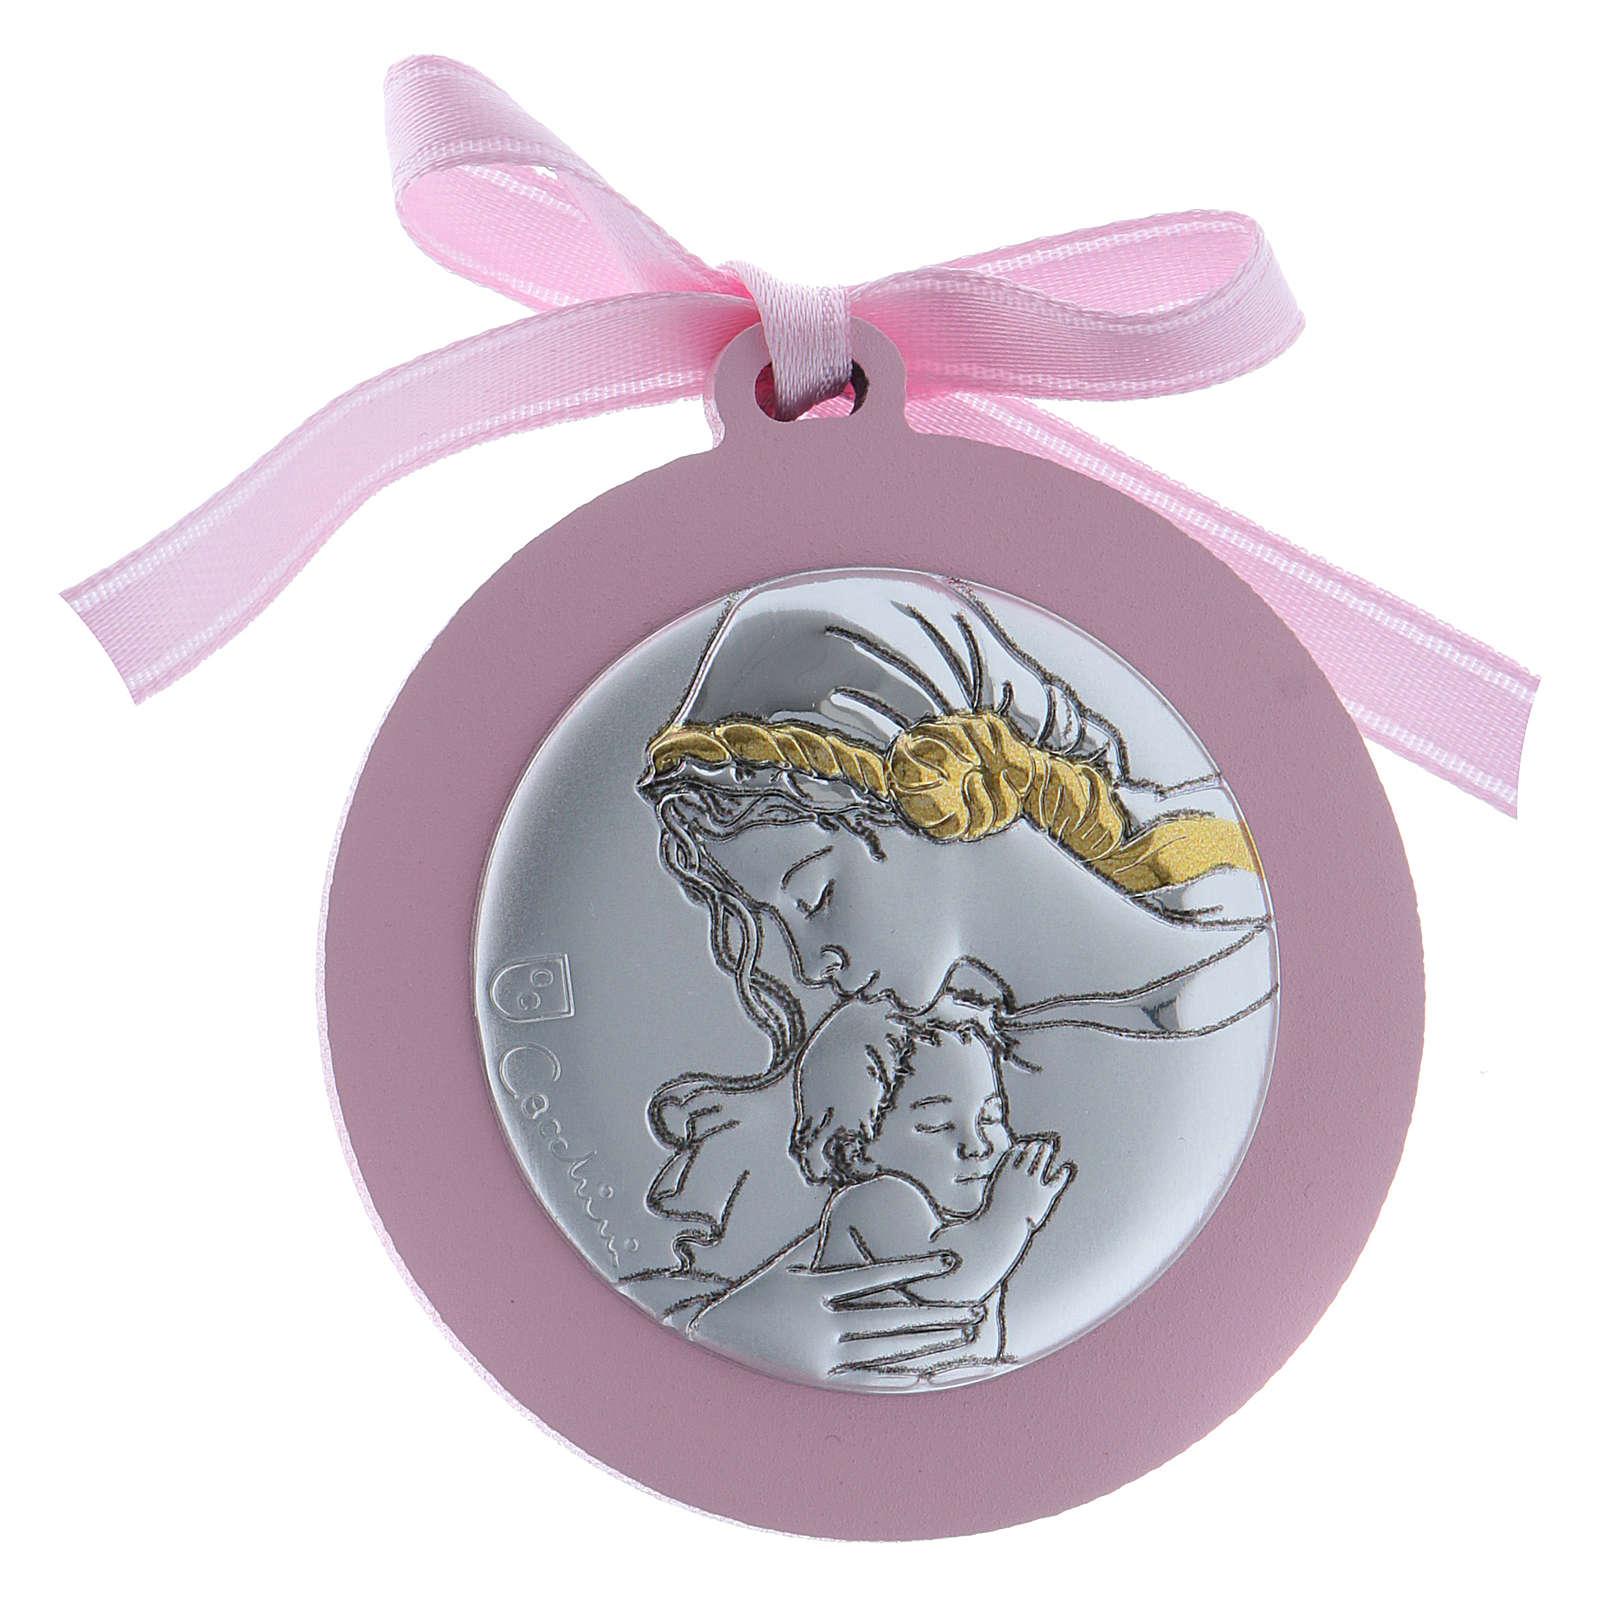 Sopraculla Madonna Bambino bilaminato finiture oro nastro rosa 4